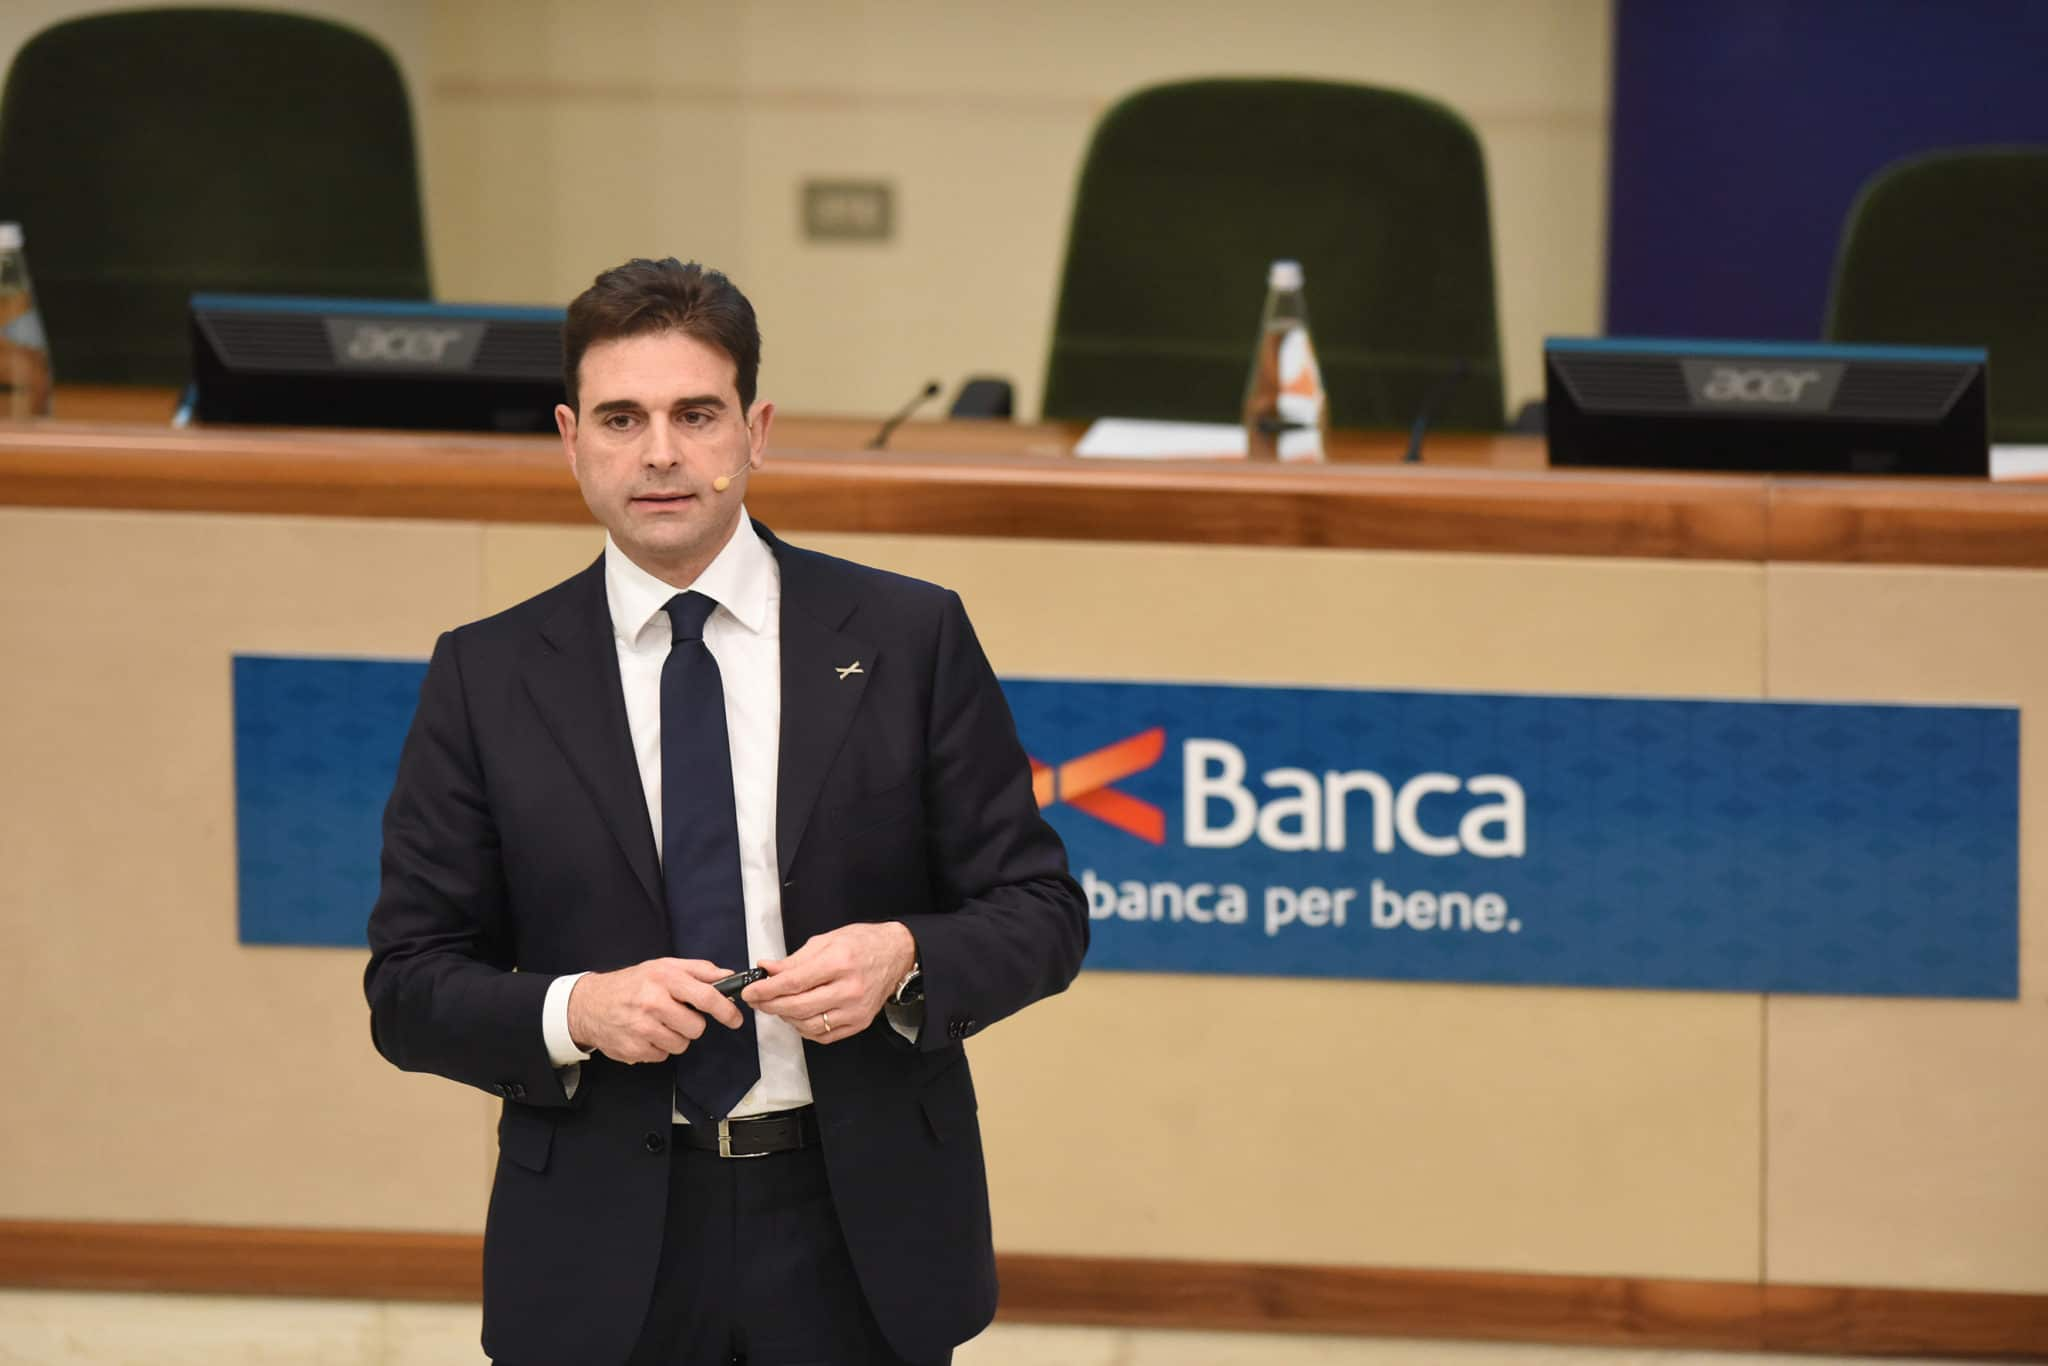 UBI Banca, nel 2019 erogati in Abruzzo finanziamenti per 200 milioni di euro, di cui 128 milioni alle imprese